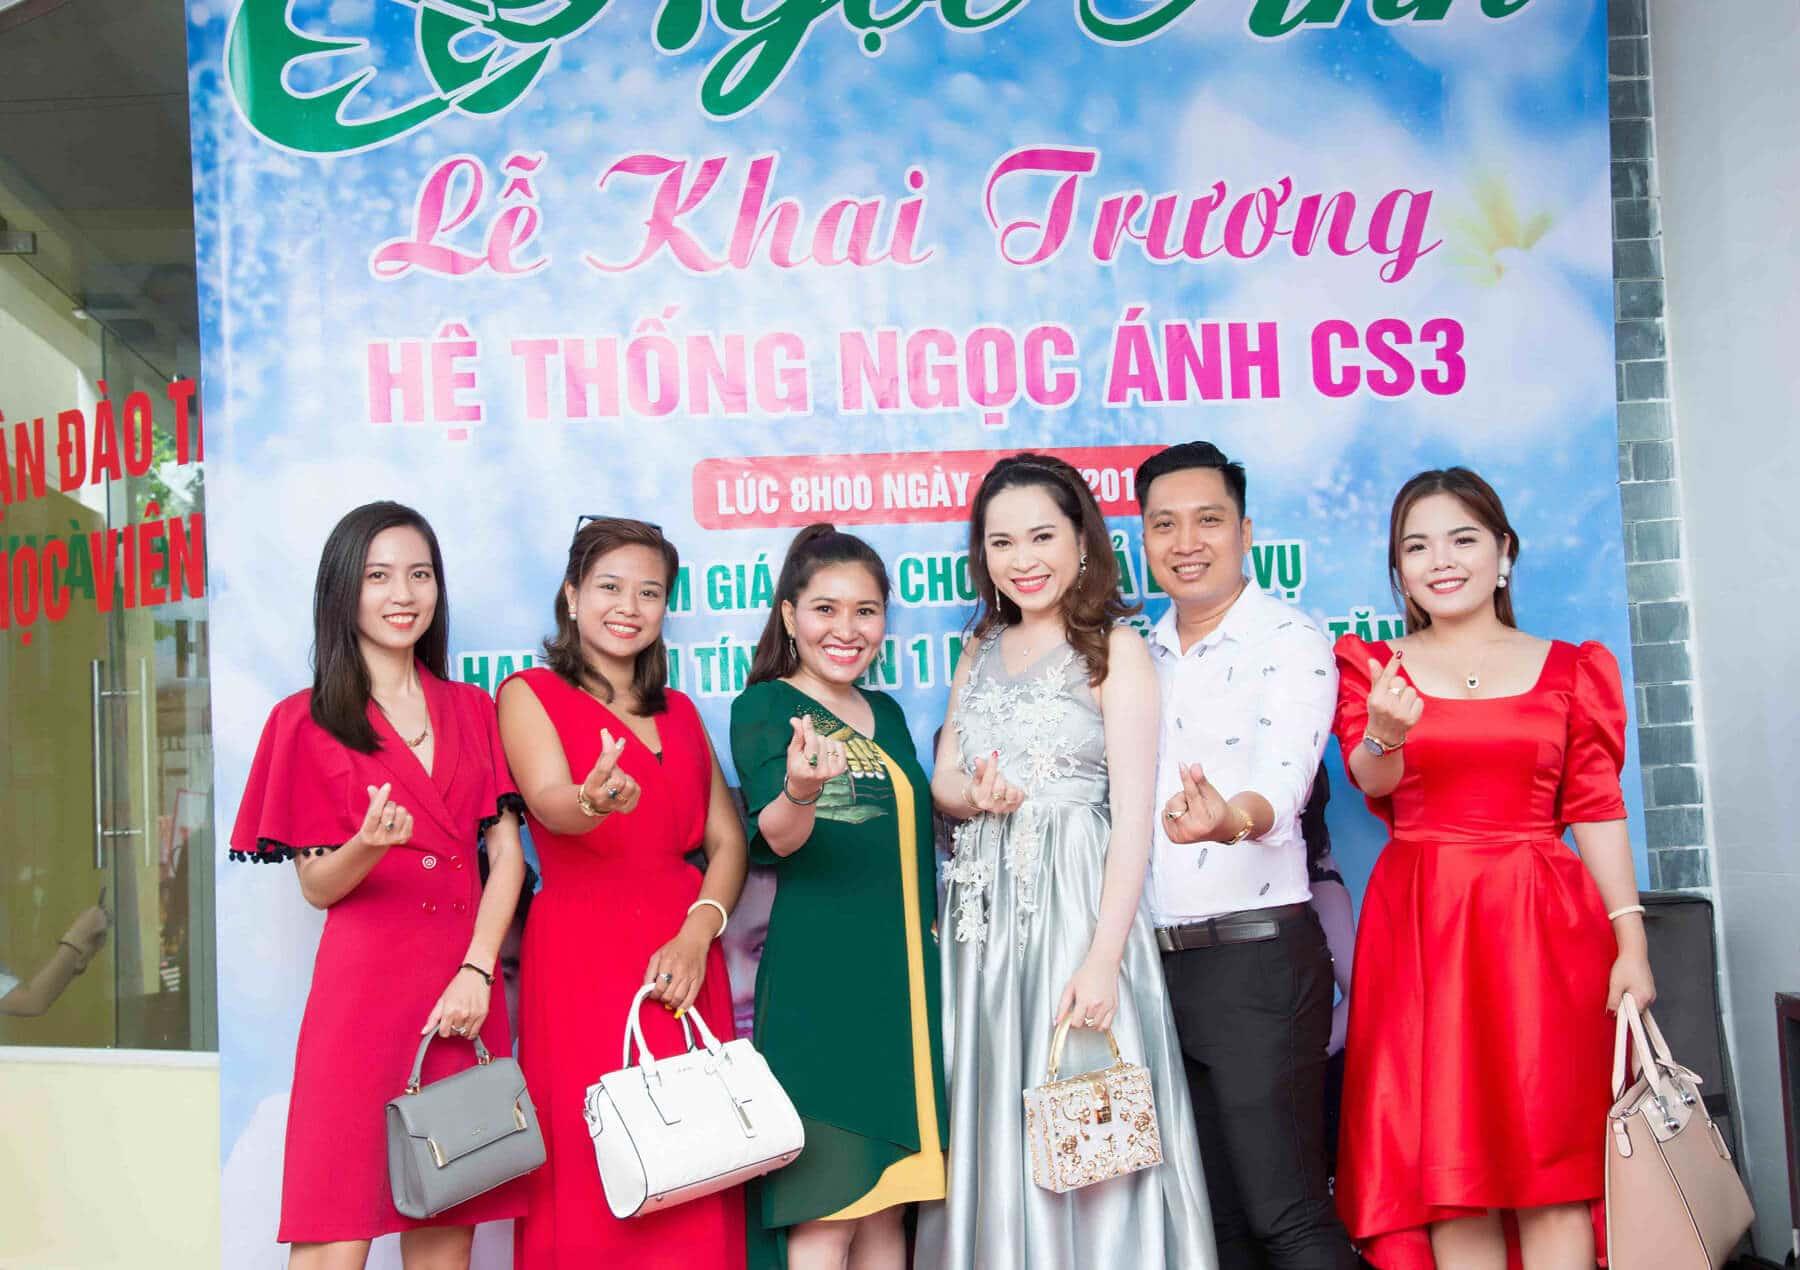 khai-truong-co-so-3-binh-duong-spangocanh-1